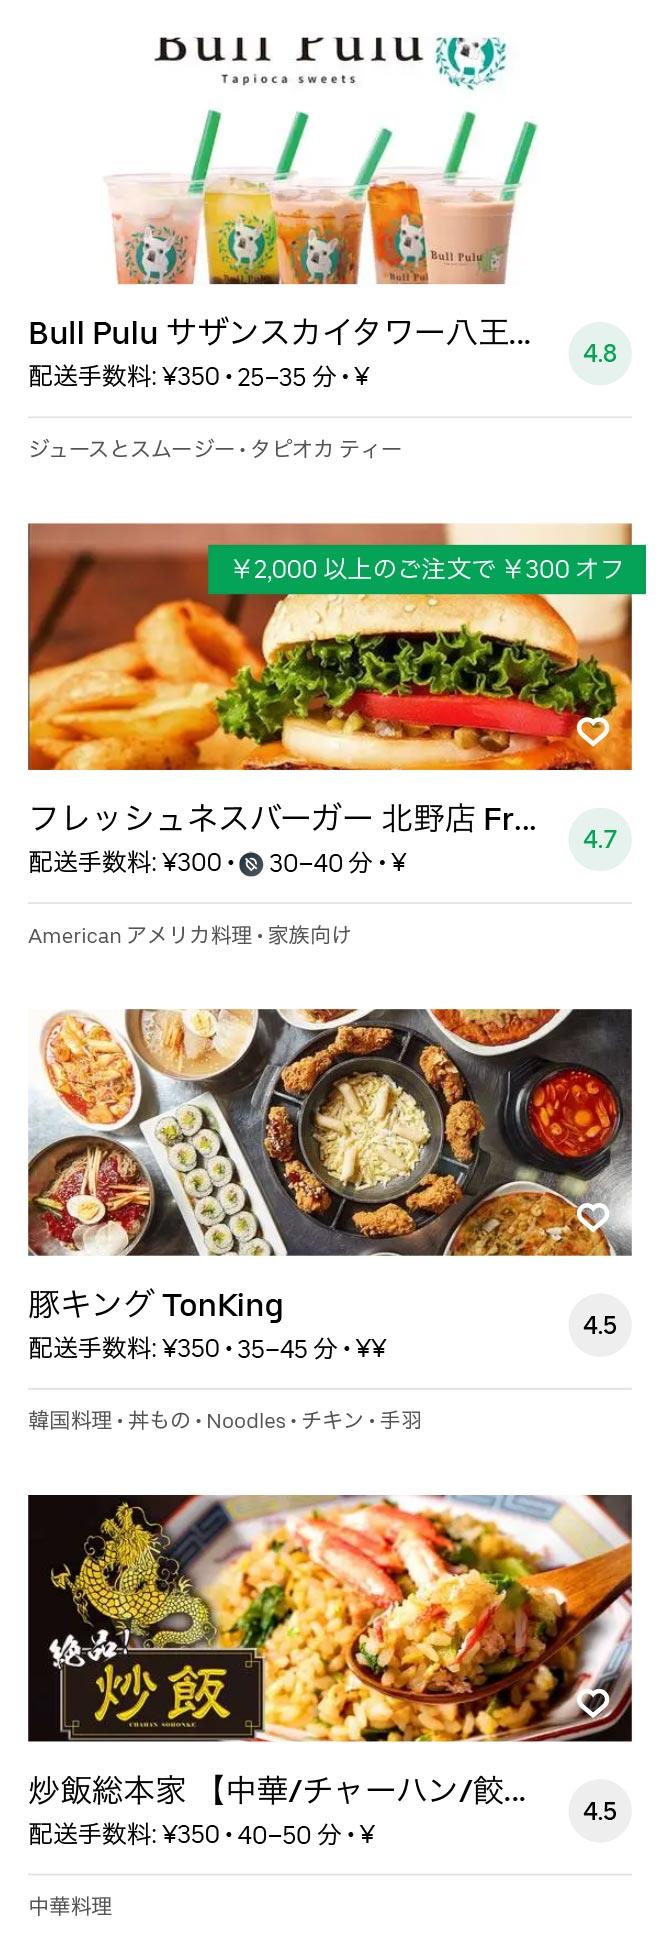 Hatioji minamino menu 2010 08